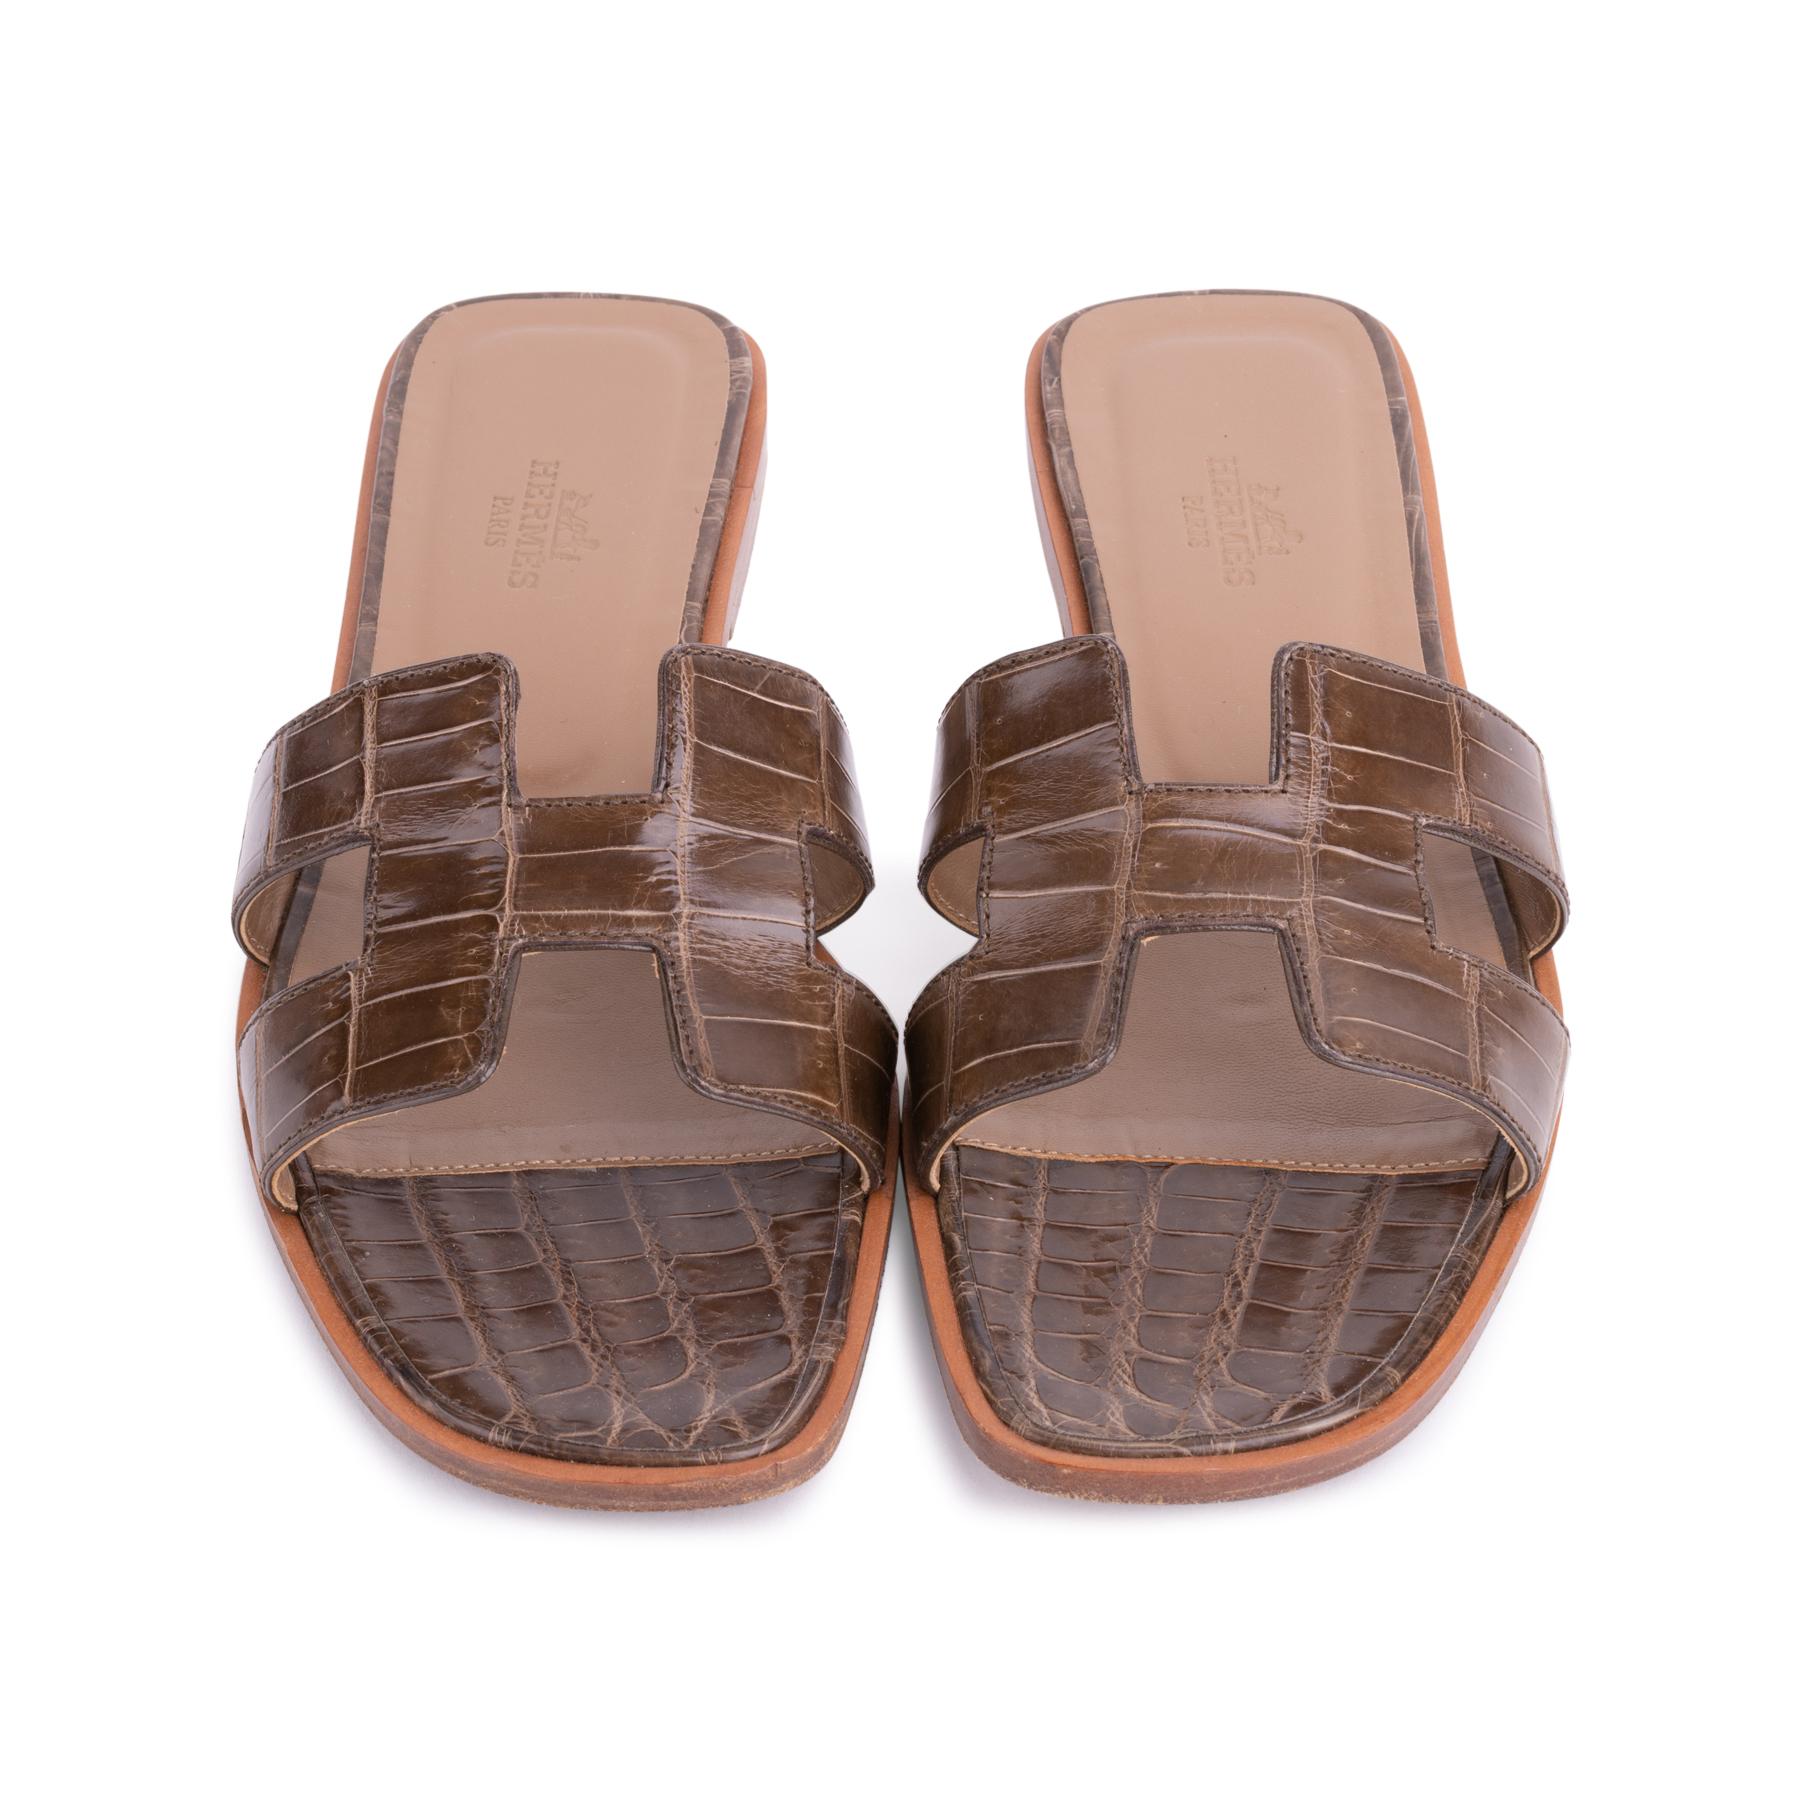 8ec6103e17a0 Authentic Second Hand Hermès Crocodile Oran Sandals (PSS-637-00004 ...